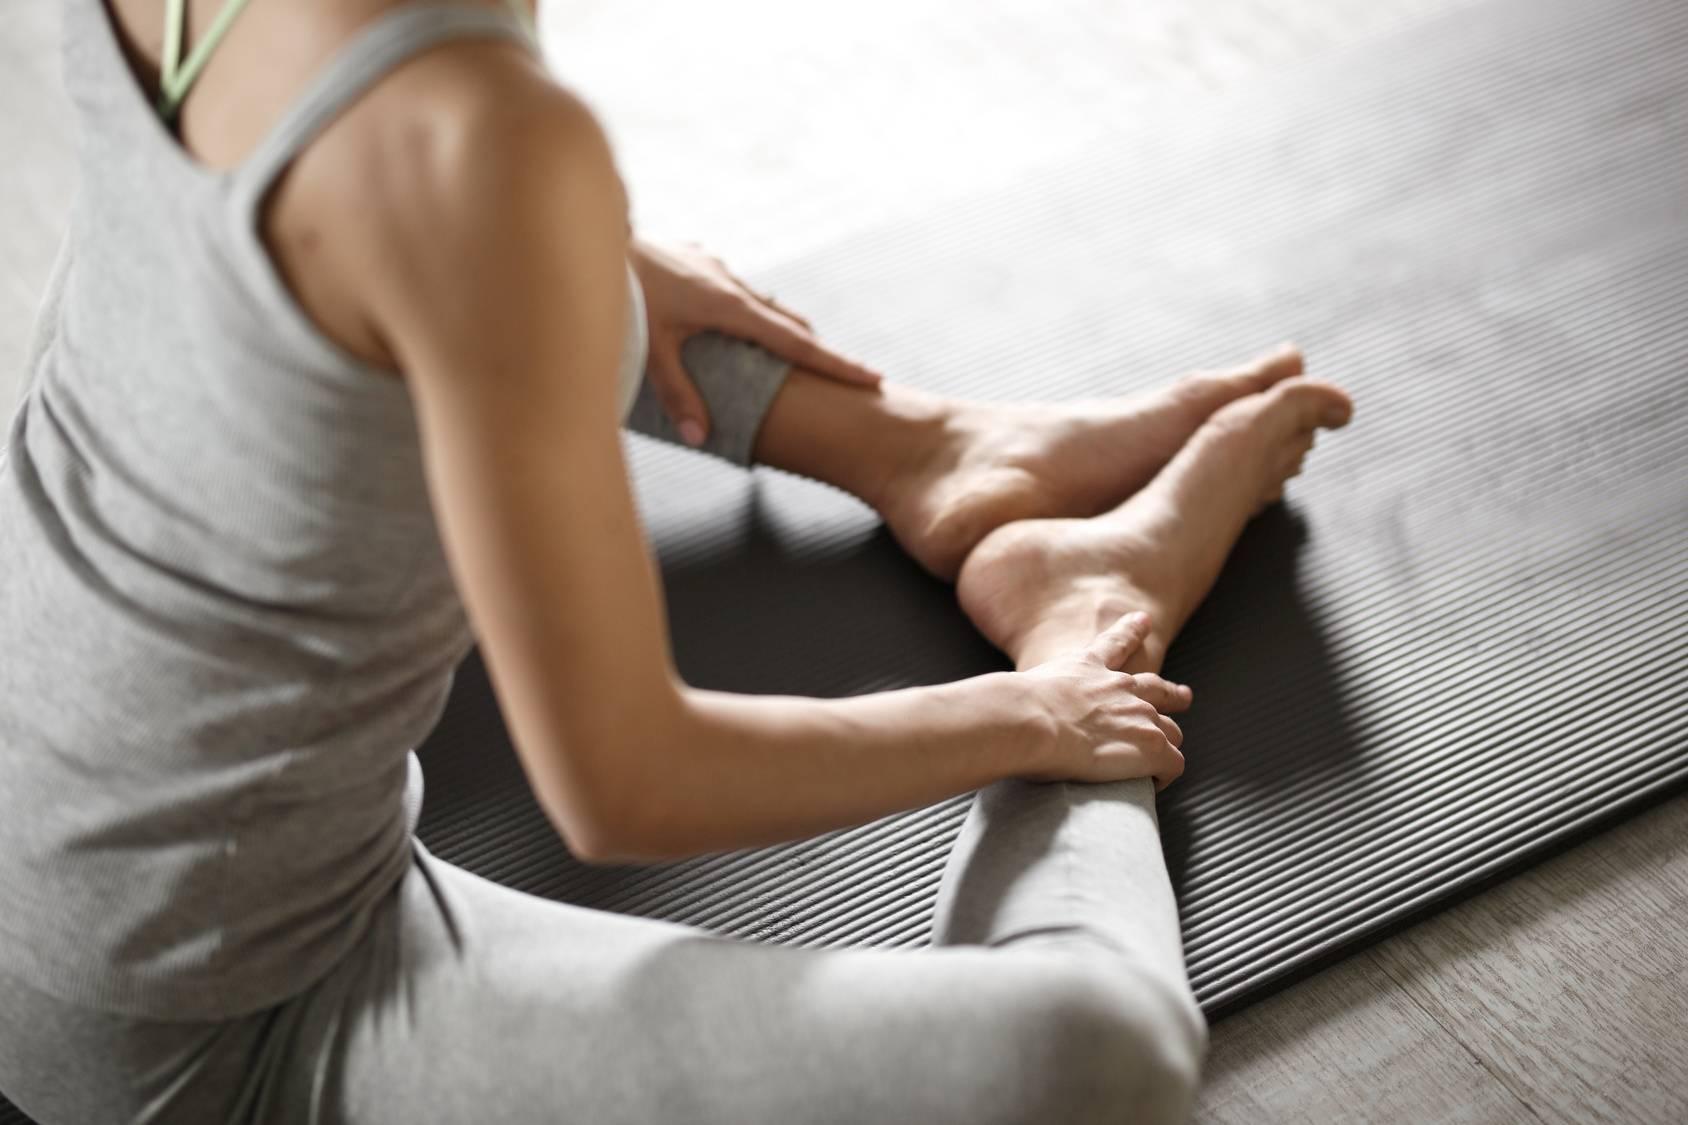 Ćwiczenia fizyczne - rytuały tybetańskie.